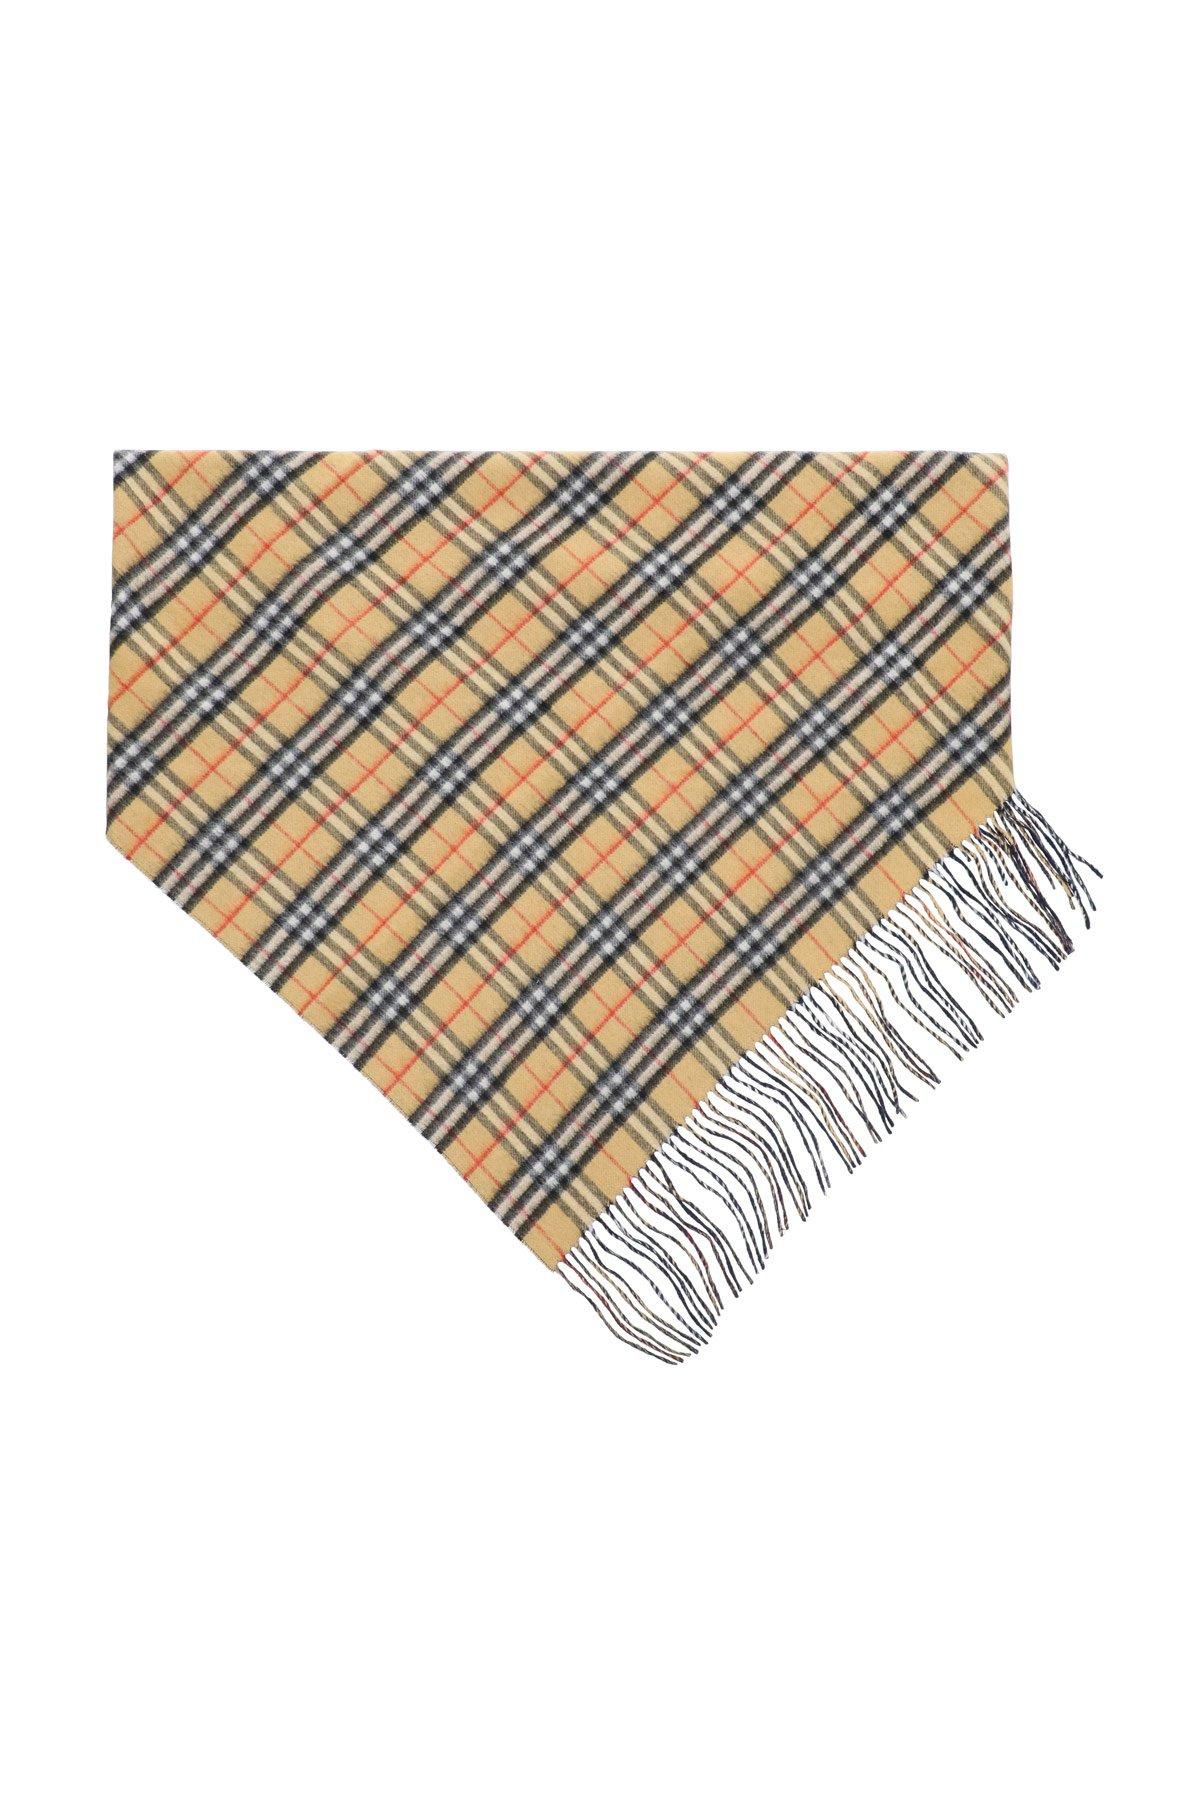 Burberry sciarpa cachemire doppio strato bandana vintage check